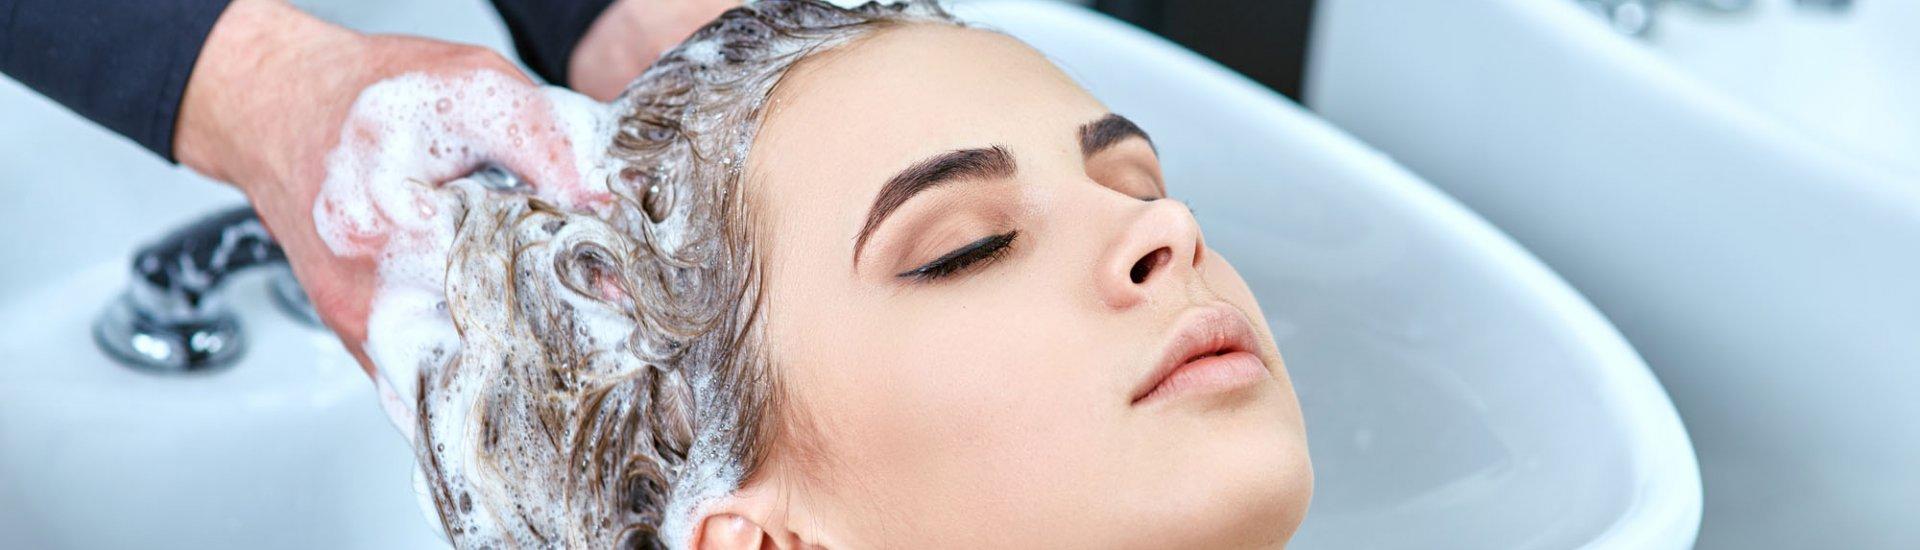 Shampoo gegen Haarausfall